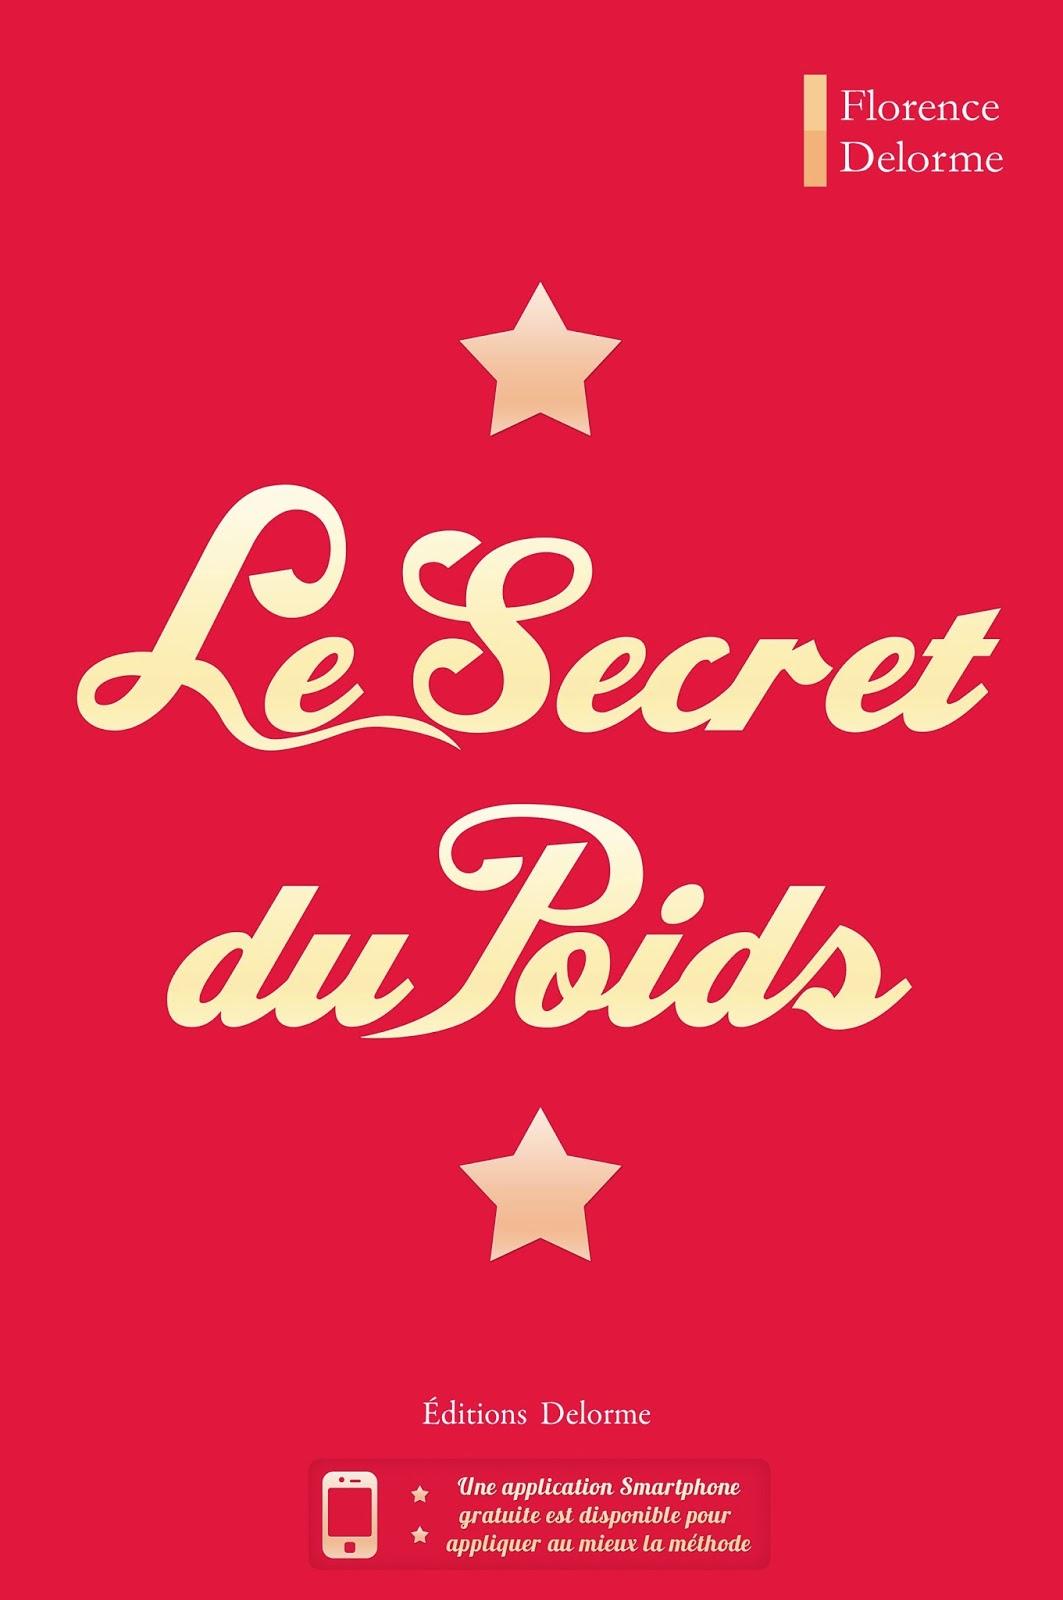 Le Secret Du Poids Avis : secret, poids, Livres, Zélie, [Chronique]Le, Secret, Poids, Florence, Delorme